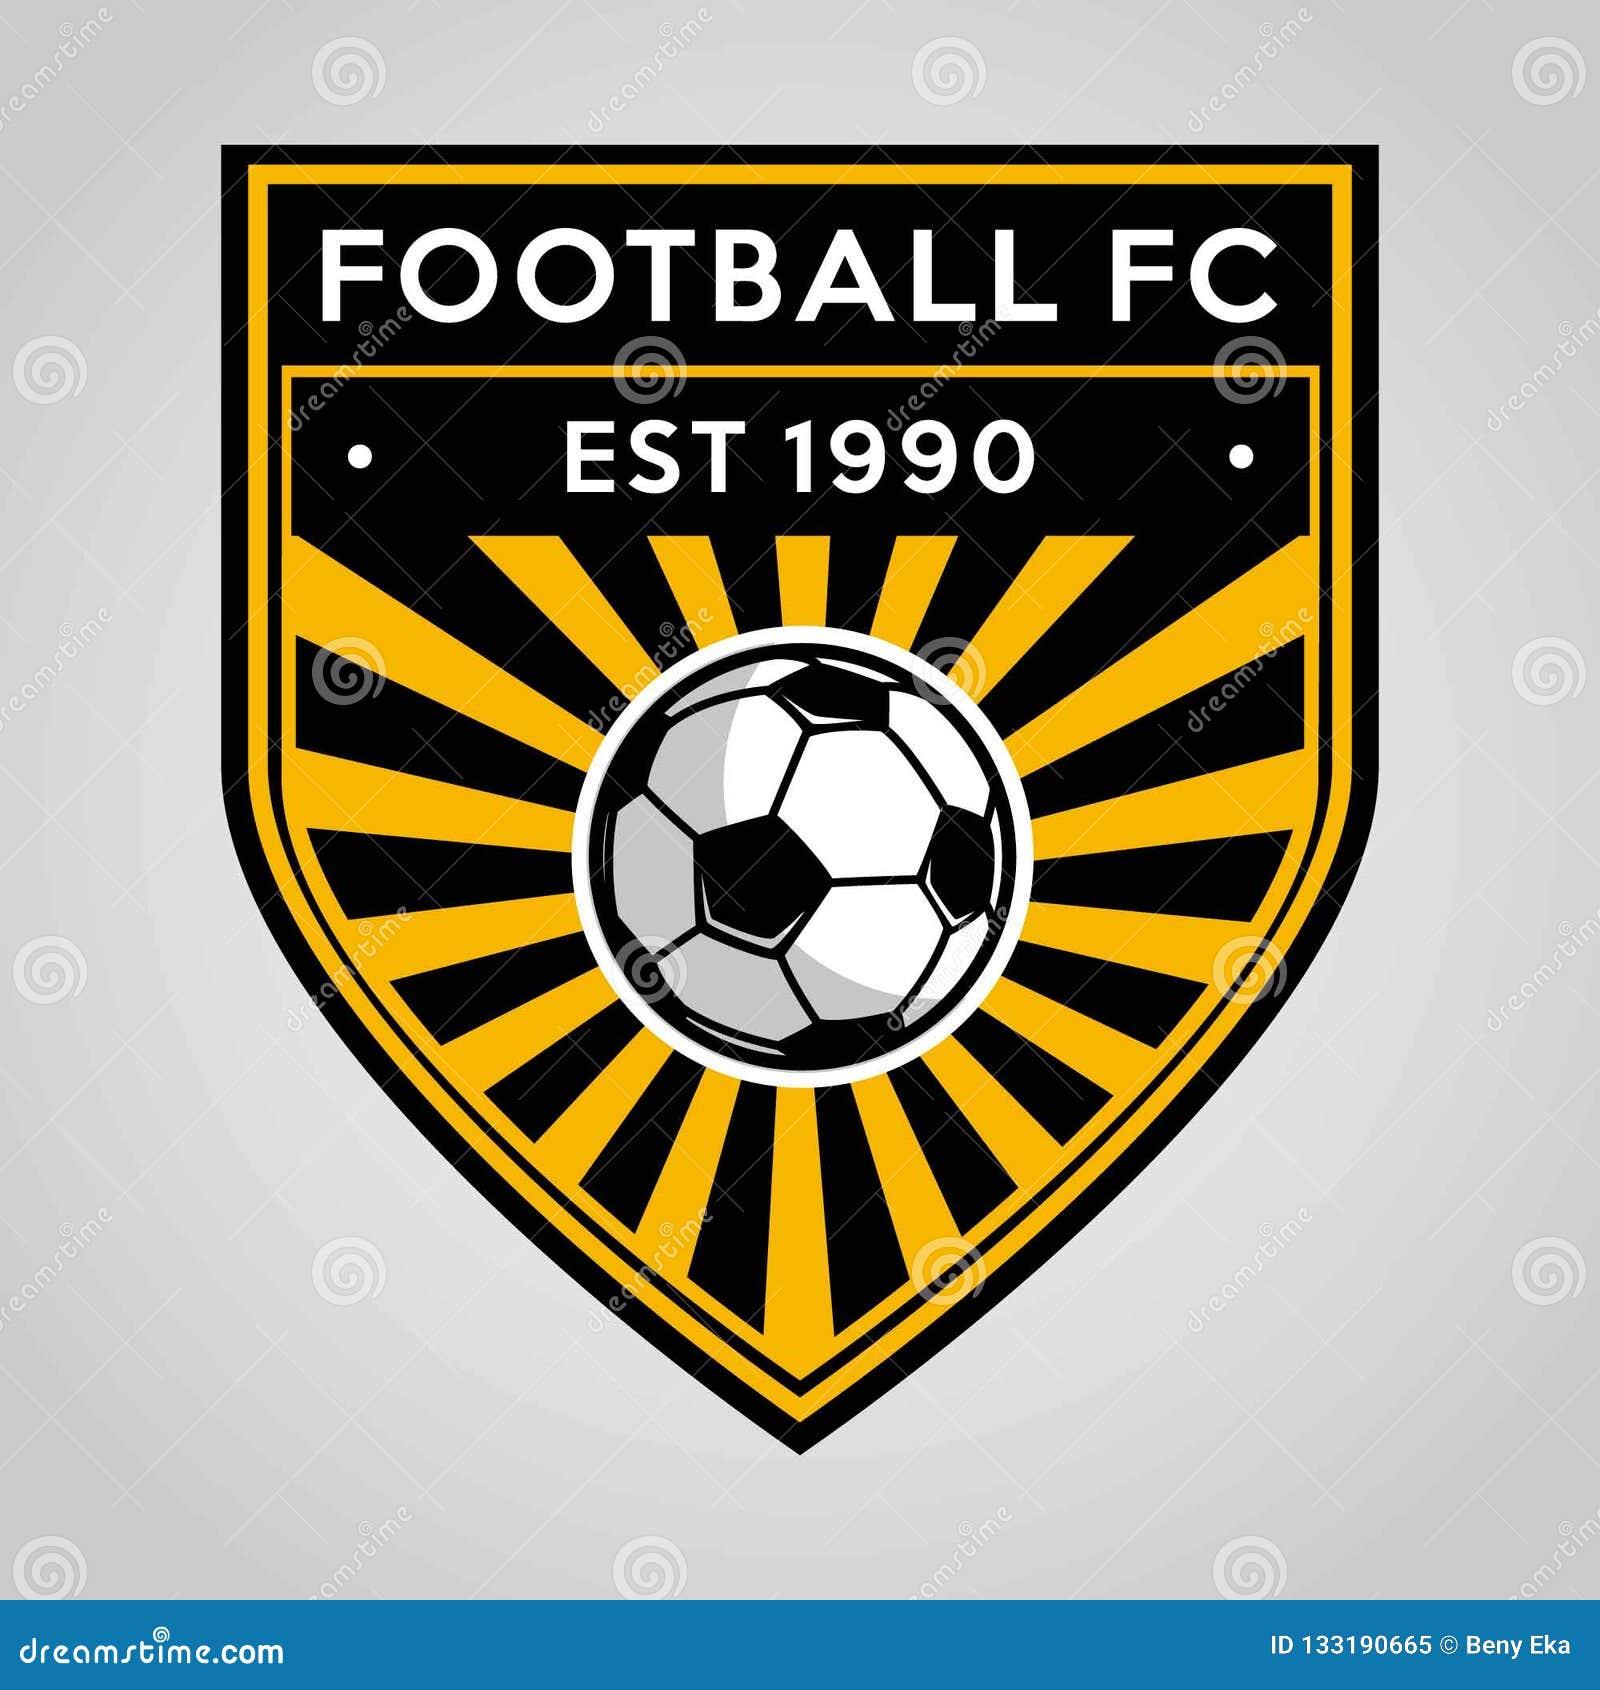 Σχέδιο προτύπων λογότυπων διακριτικών ποδοσφαίρου ποδοσφαίρου, ομάδα ποδοσφαίρου, διάνυσμα Αθλητισμός, εικονίδιο